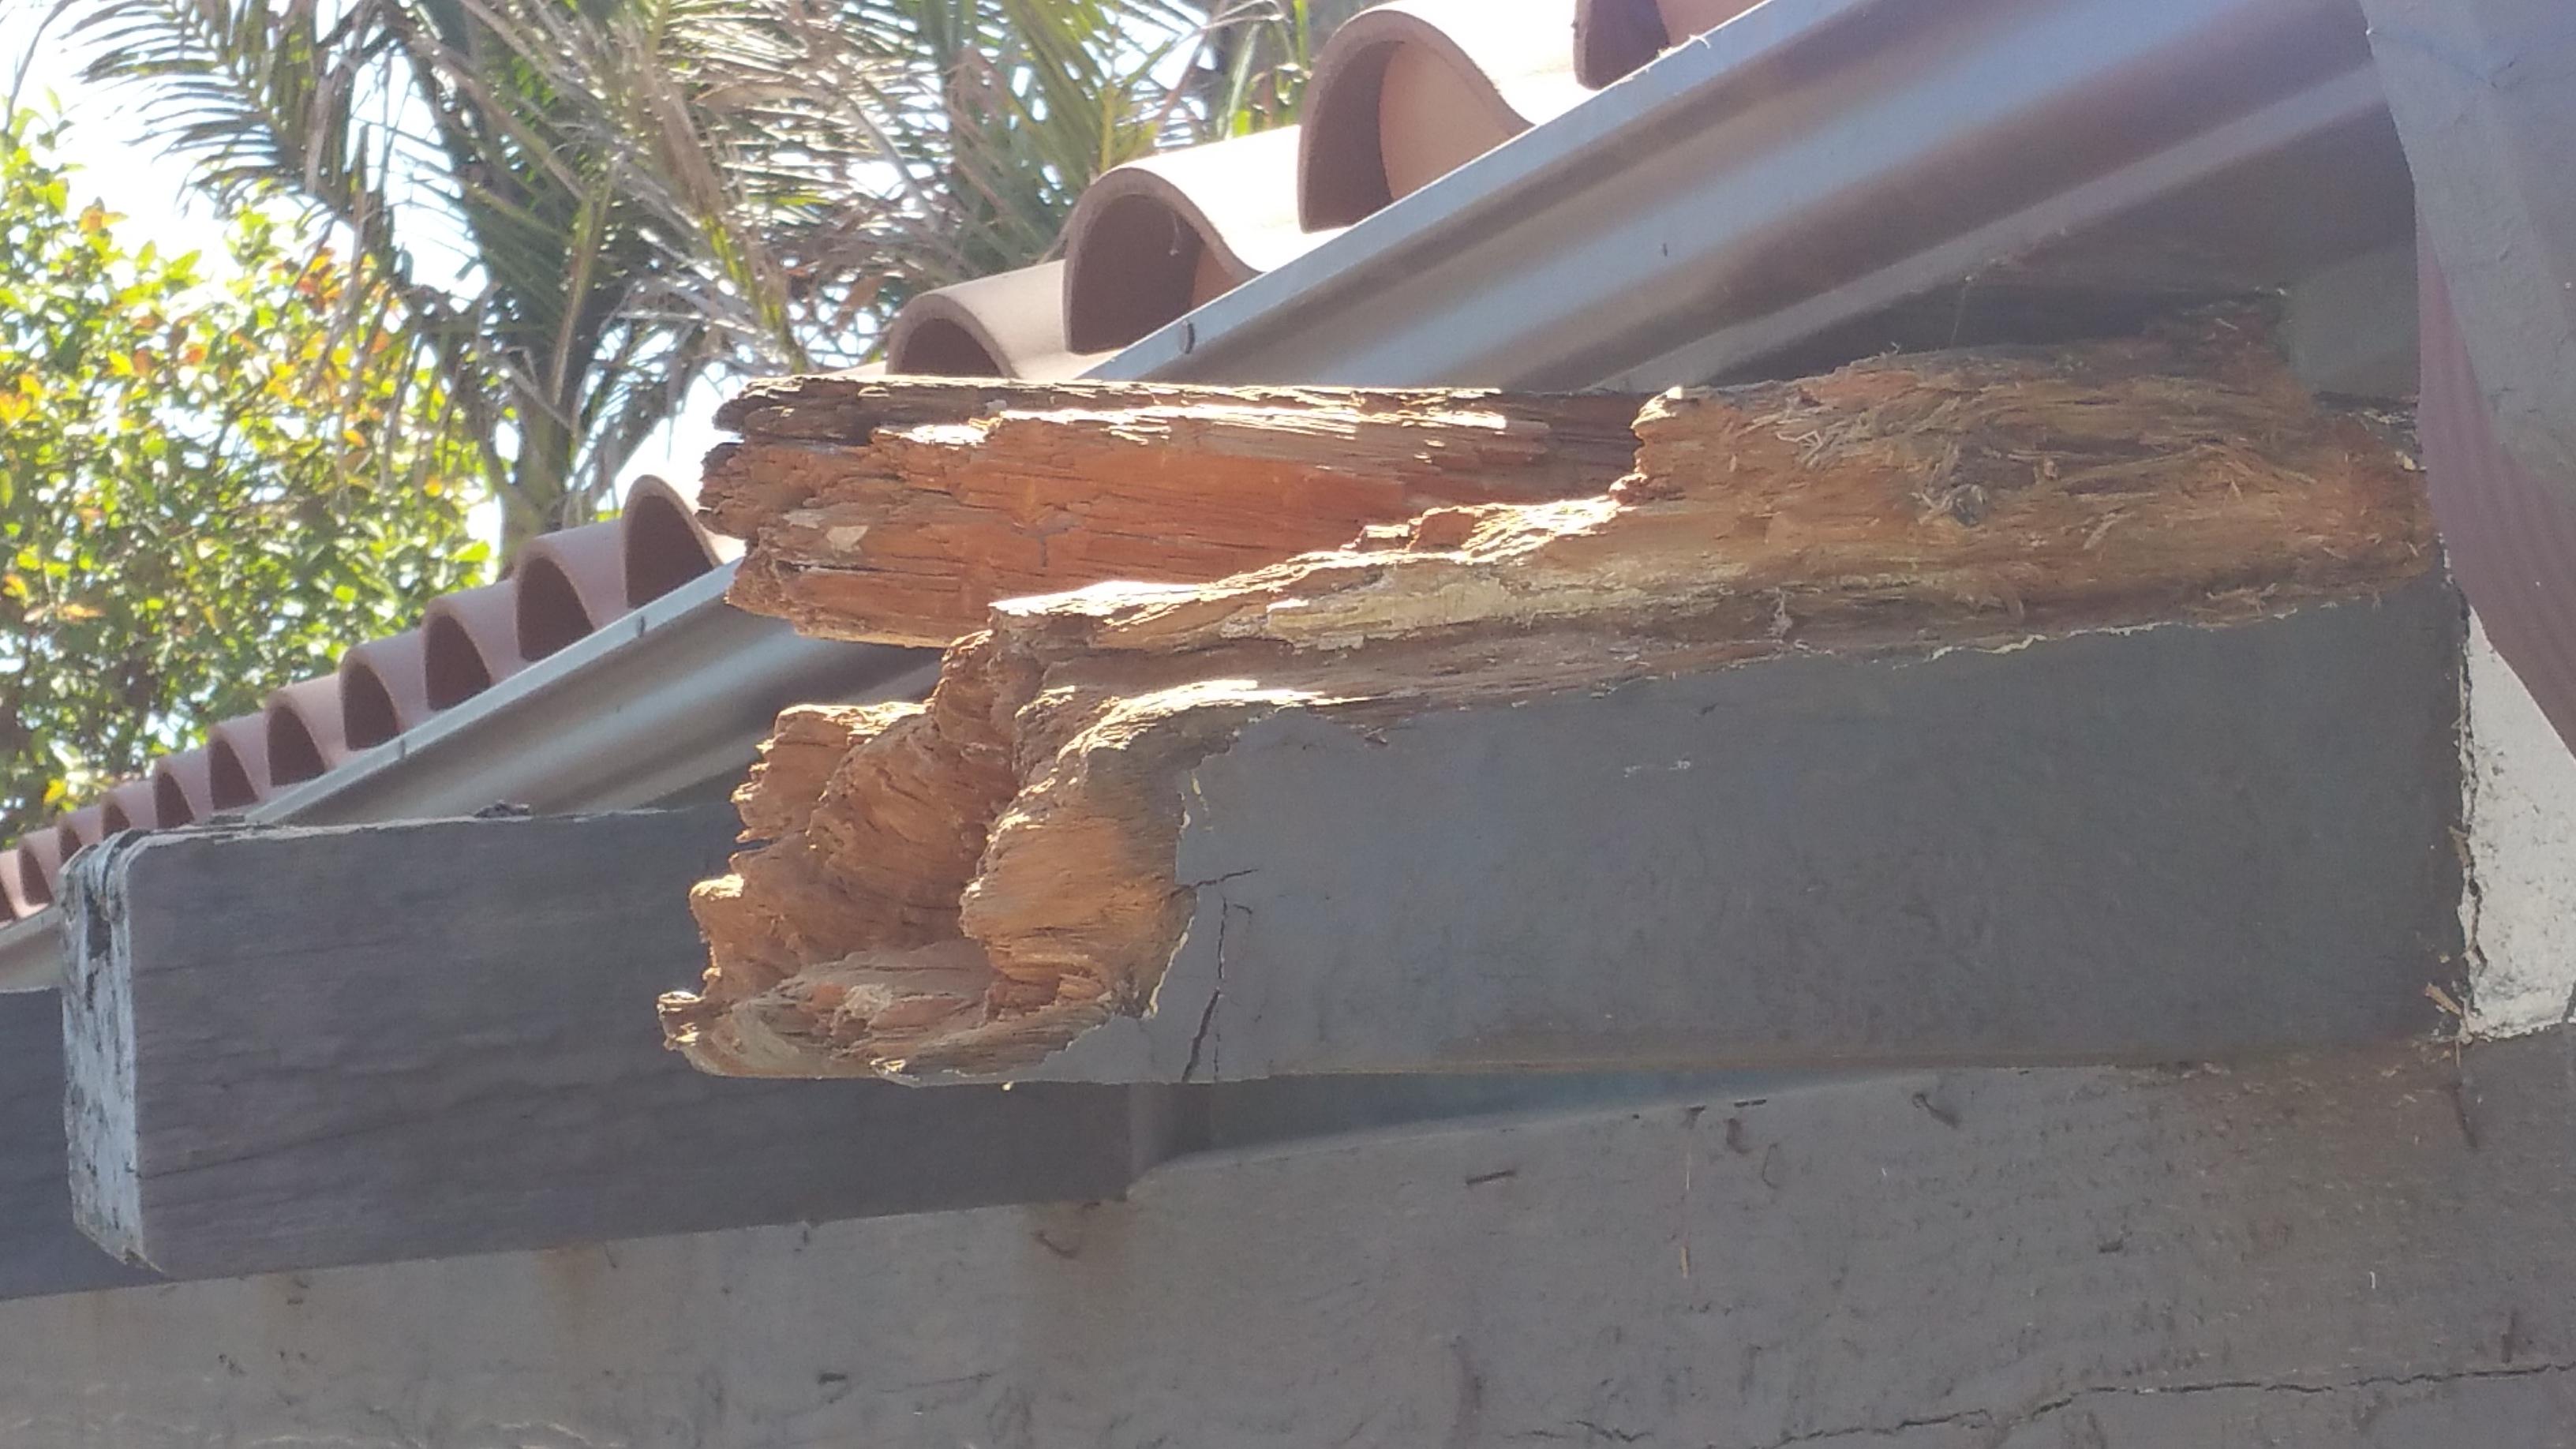 Damage close-up